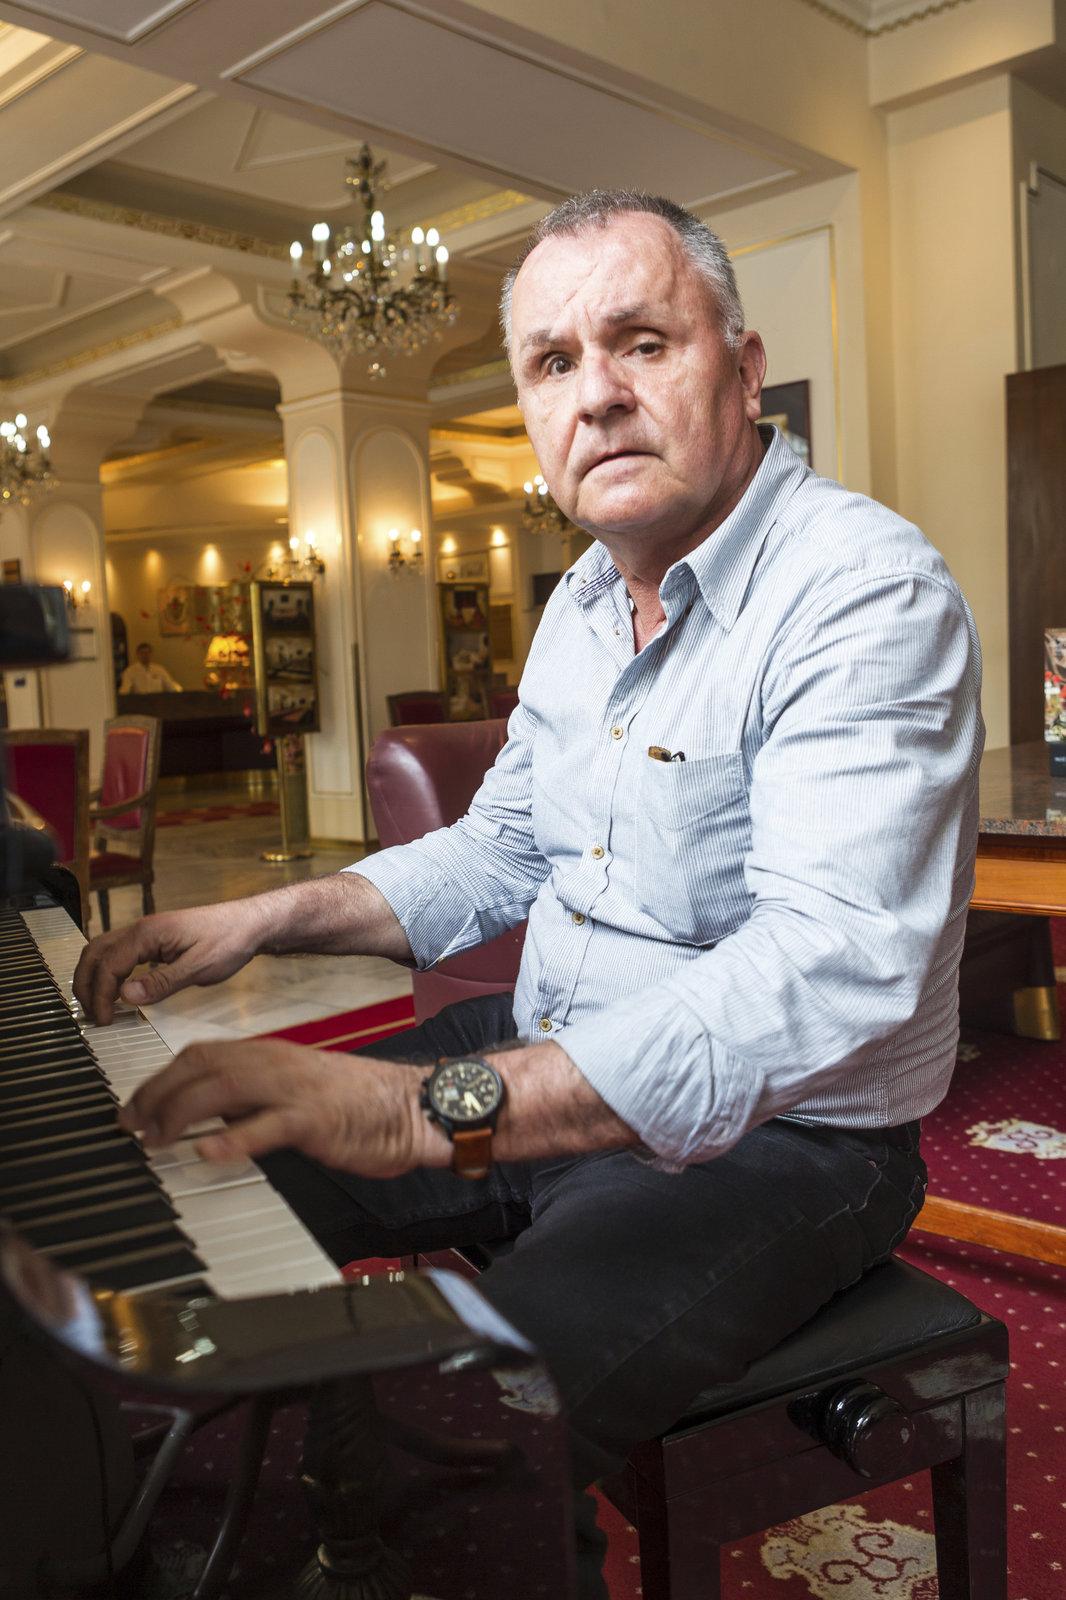 Jožo zahrál na klavír a cizinci v hotelu Ambassador tleskali.